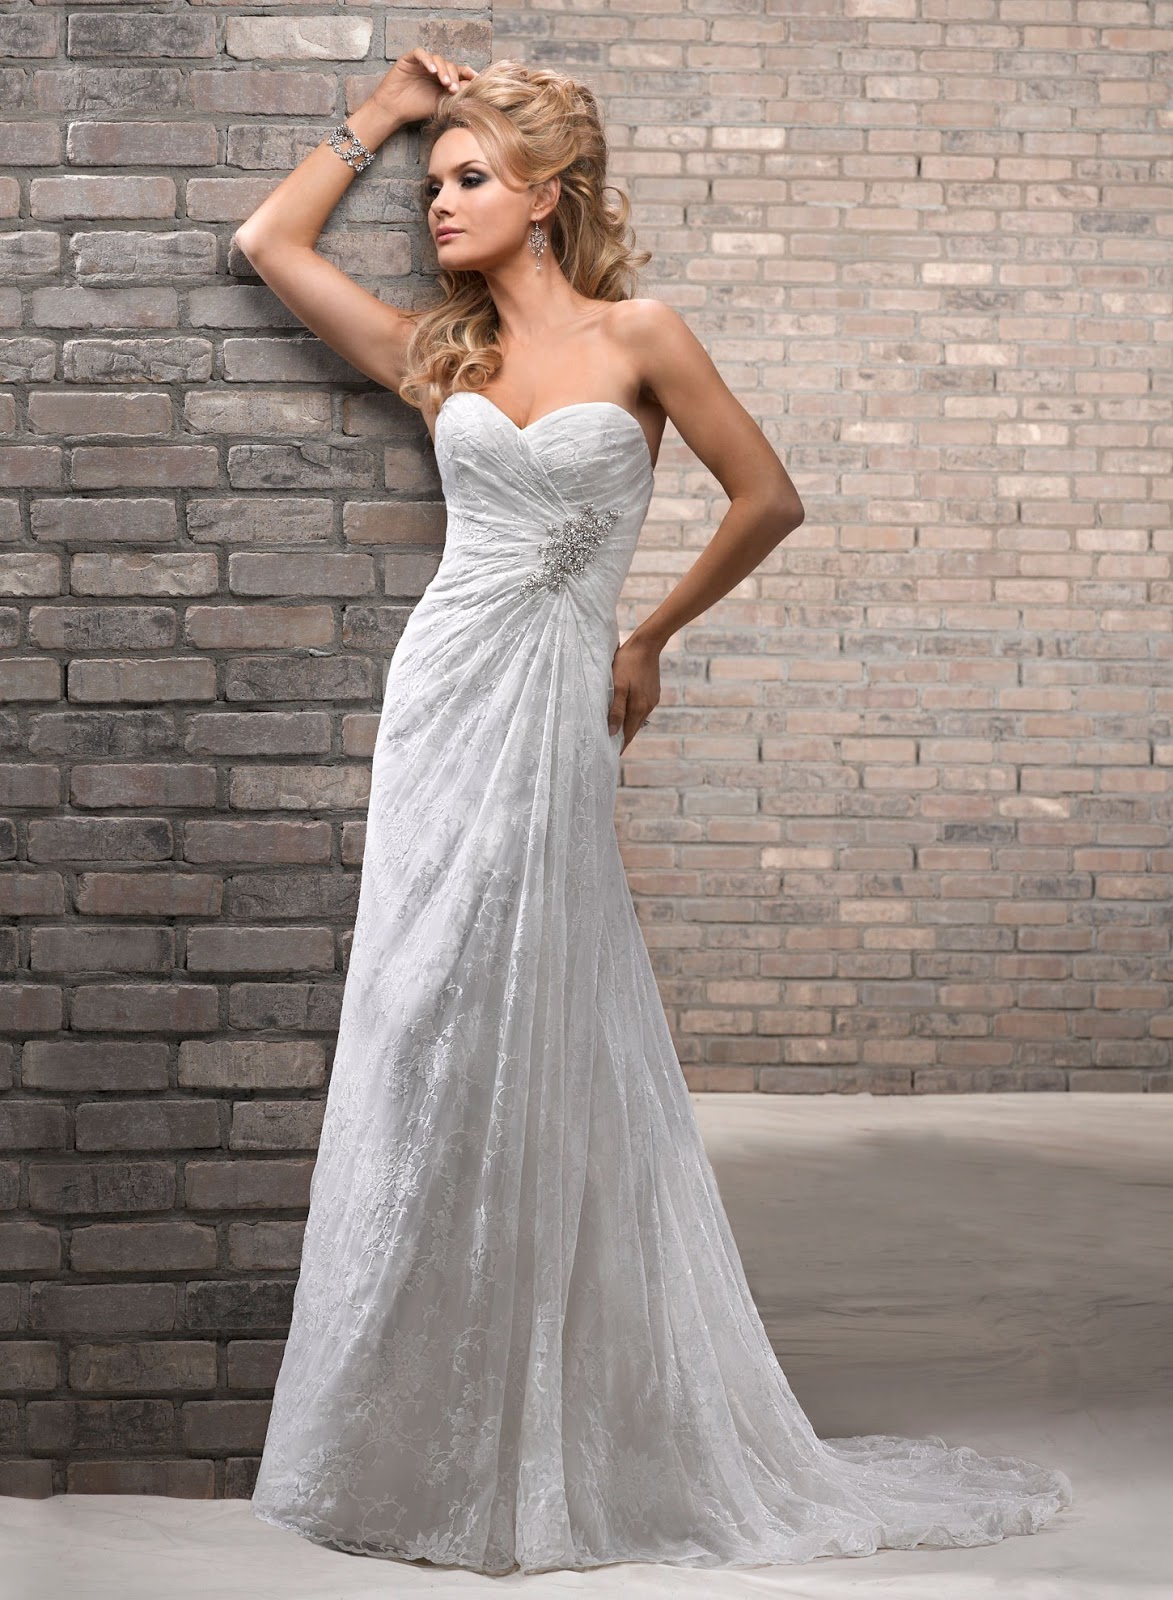 Maggie Sottero Spring 2013 Divina Bridal Wedding Dresses